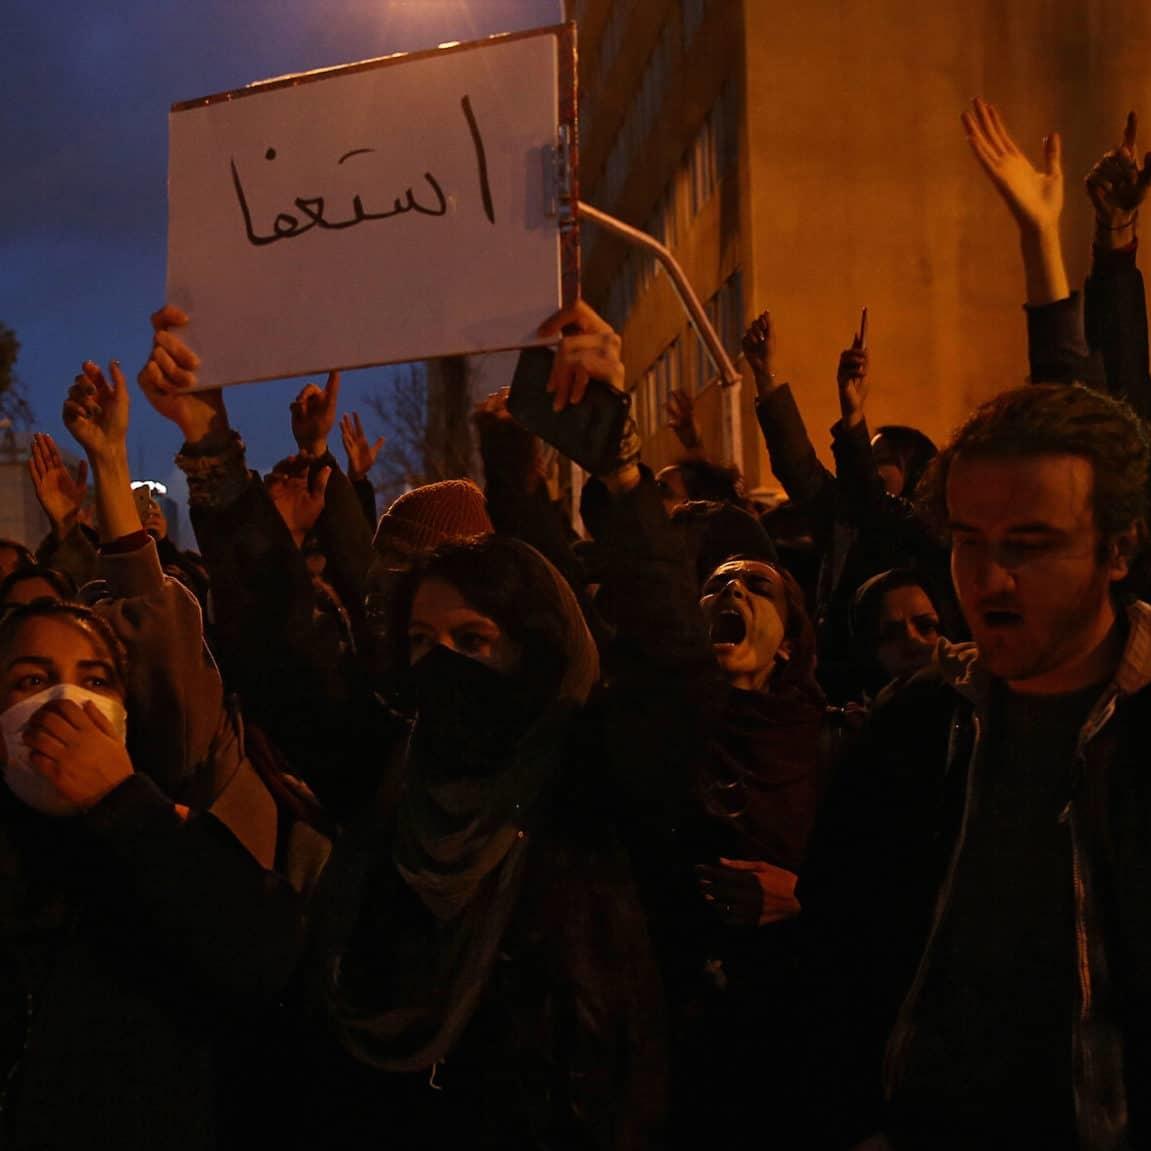 La rivoluzione sbiadita negli occhi dei giovani iraniani